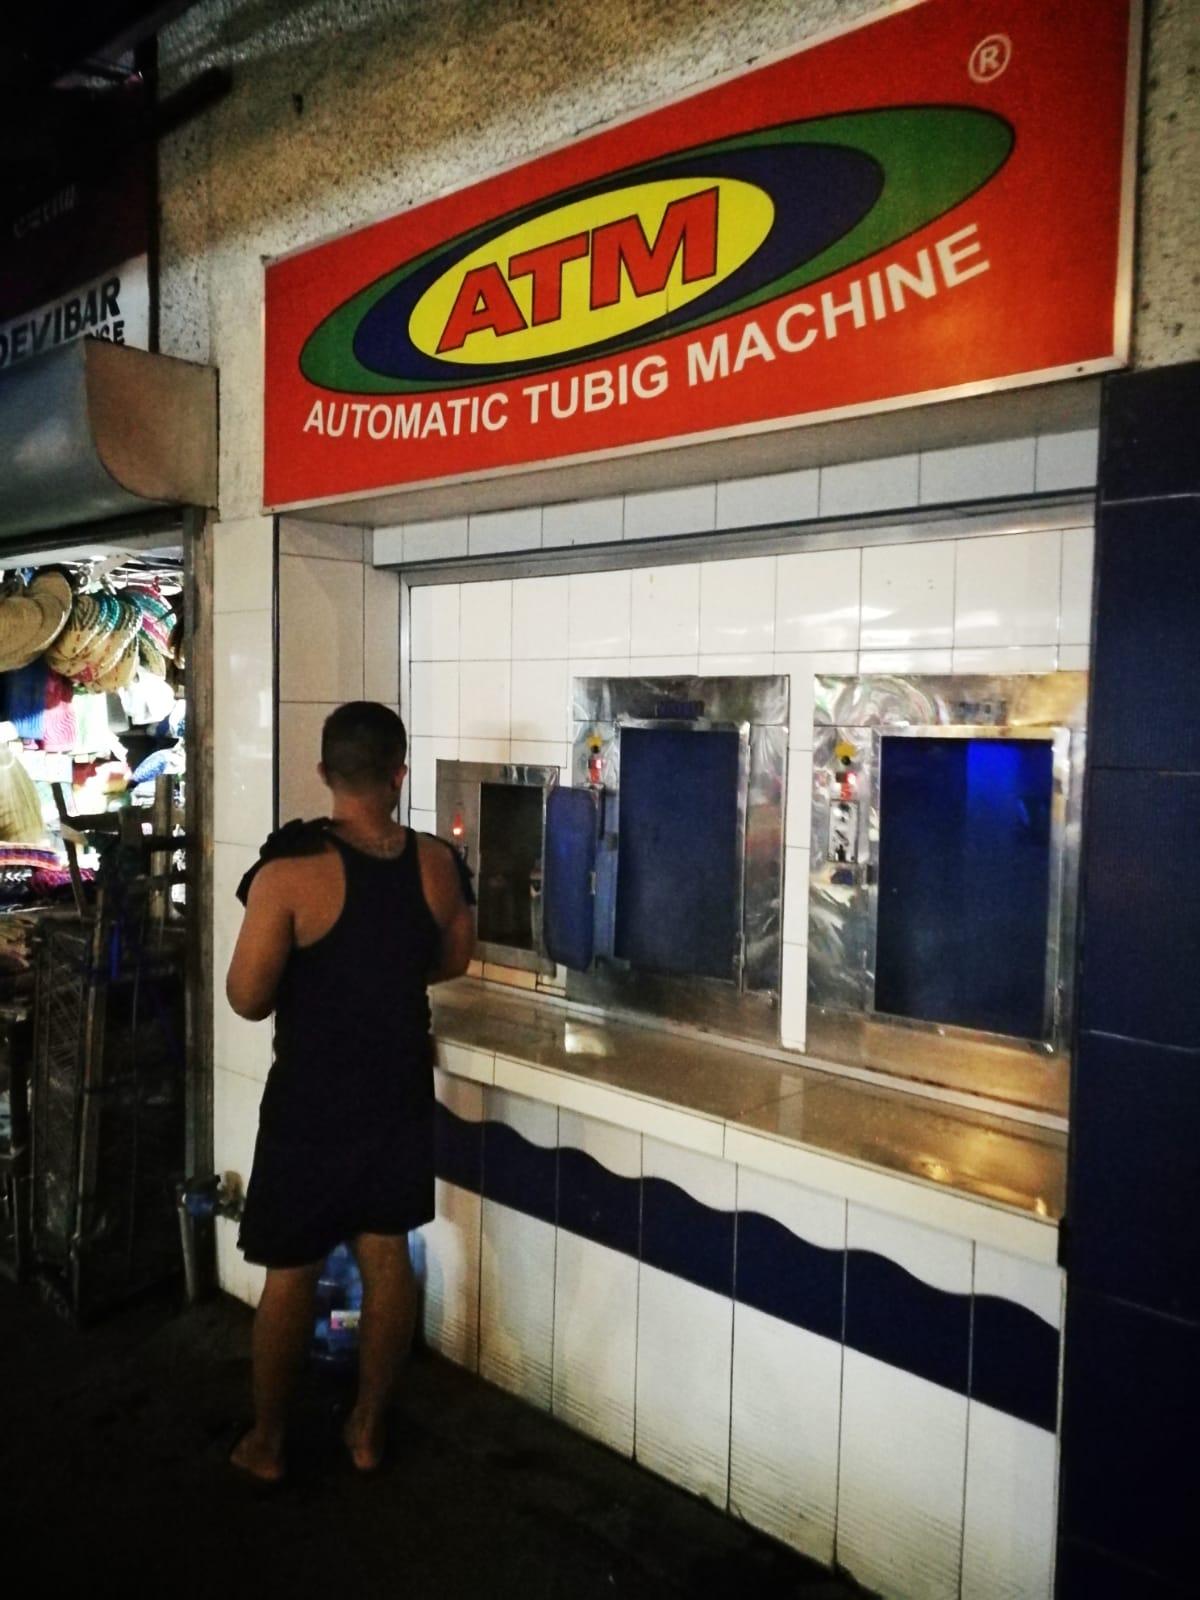 Automatic tubig machine